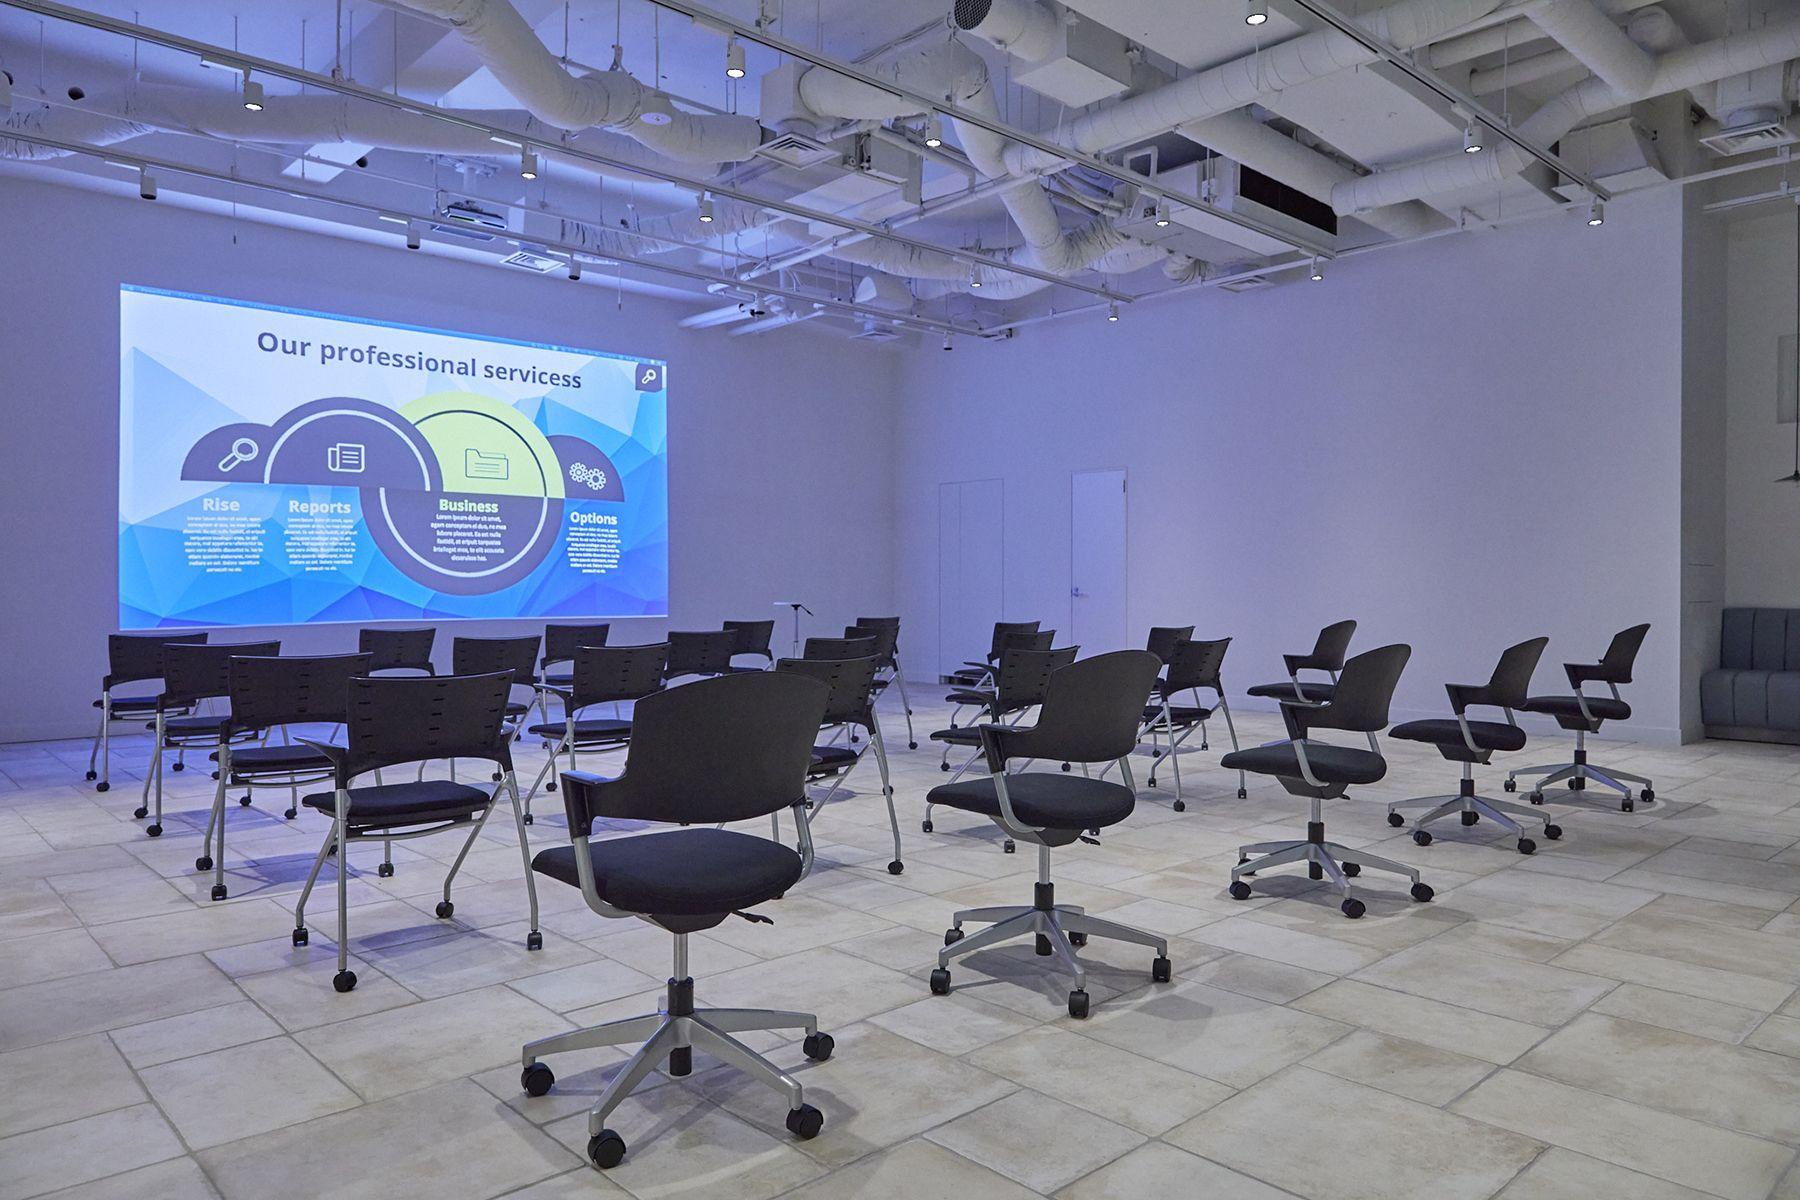 STUDIO DA VINCI C-studio (スタジオ ダヴィンチ シースタジオ)カウンターを移動して受付に